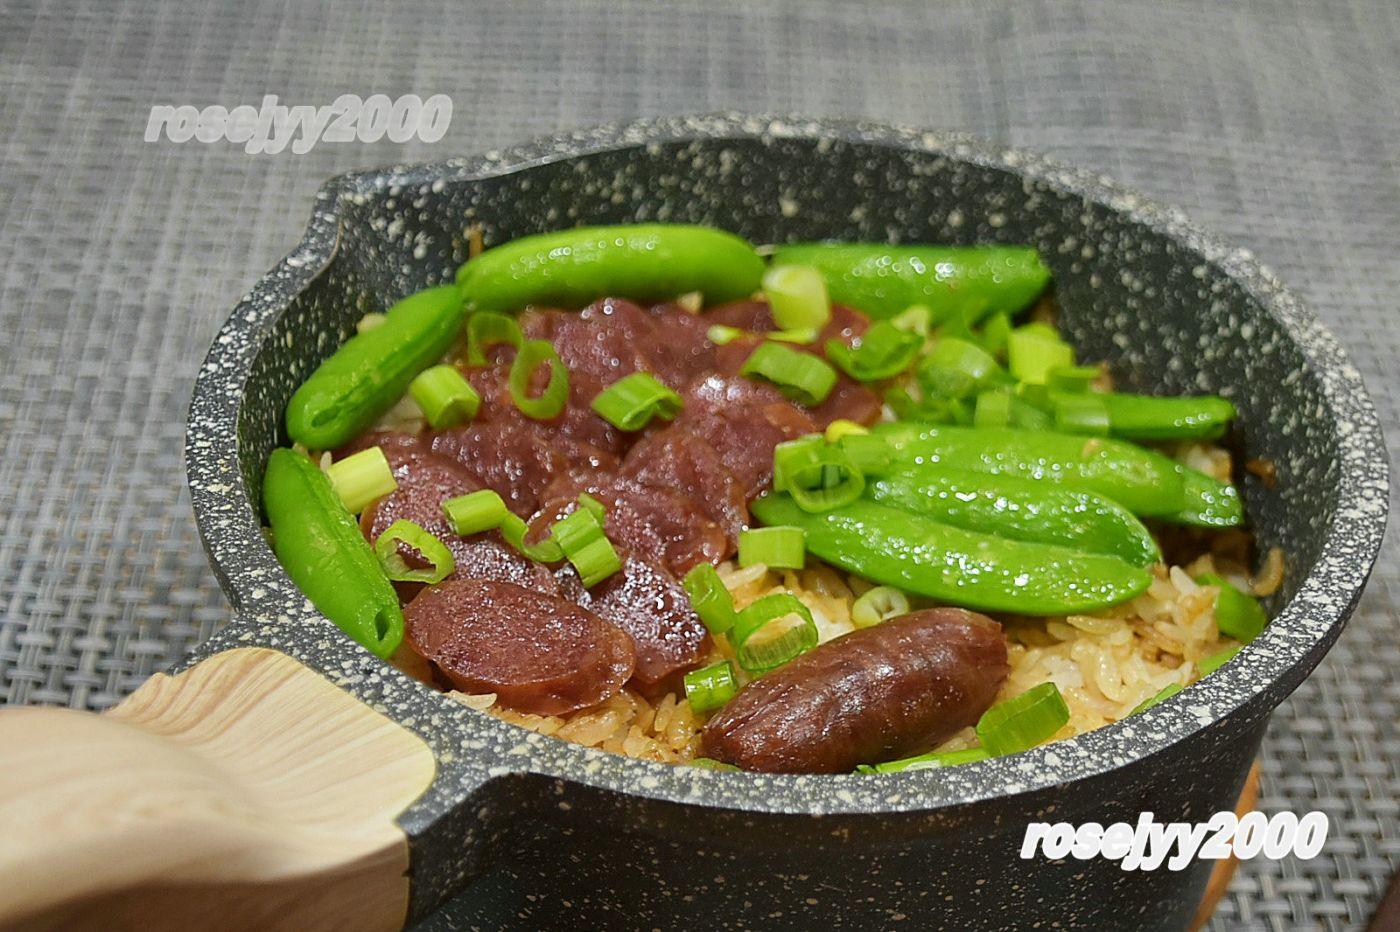 石鍋臘腸飯_圖1-3